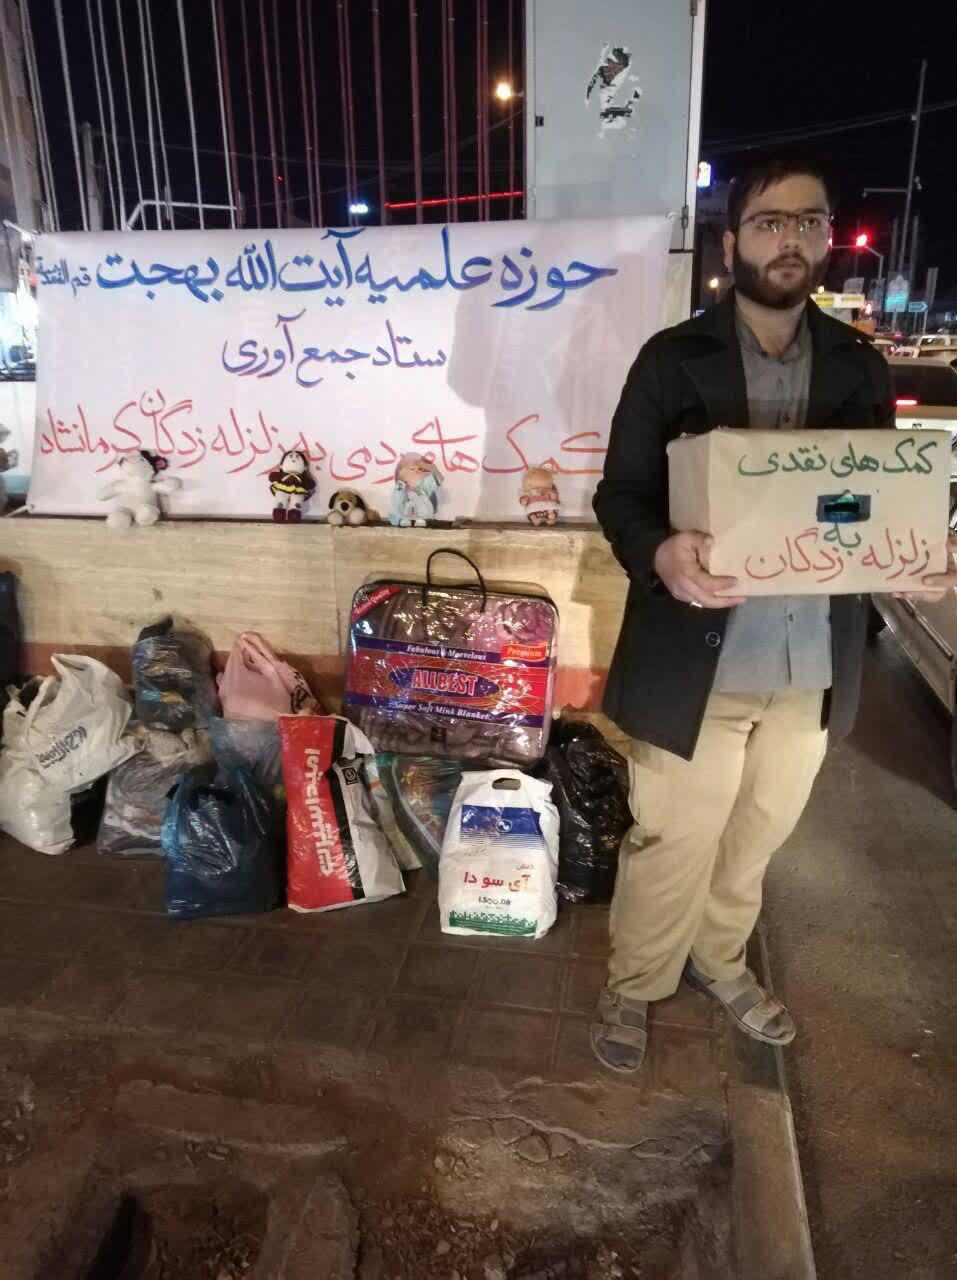 جمع آوری کمک های مردمی برای زلزله زدگان کرمانشاه